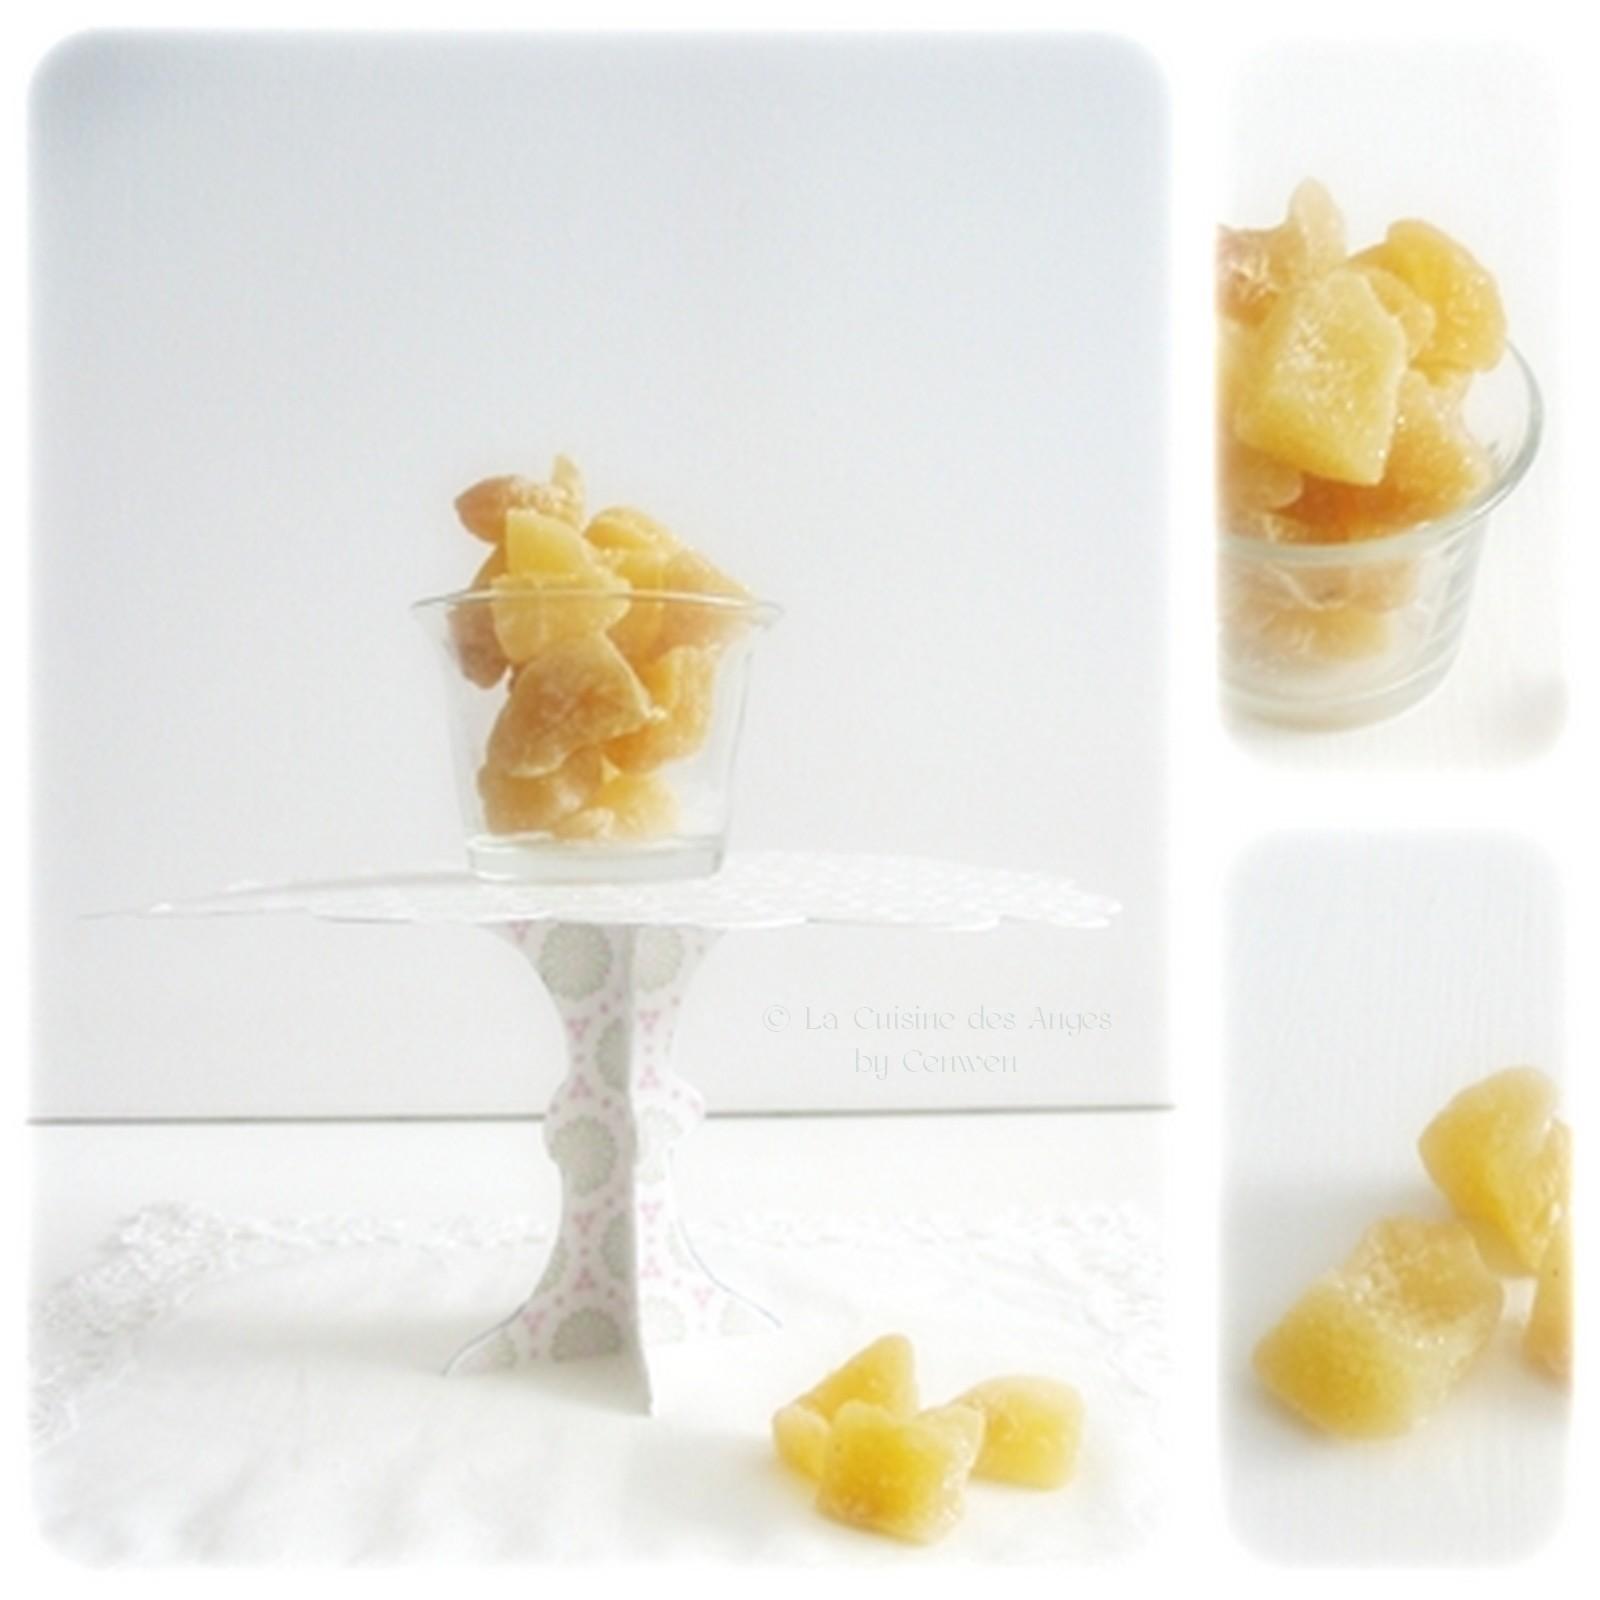 Gingembre confit la cuisine des anges - Cuisiner le gingembre ...